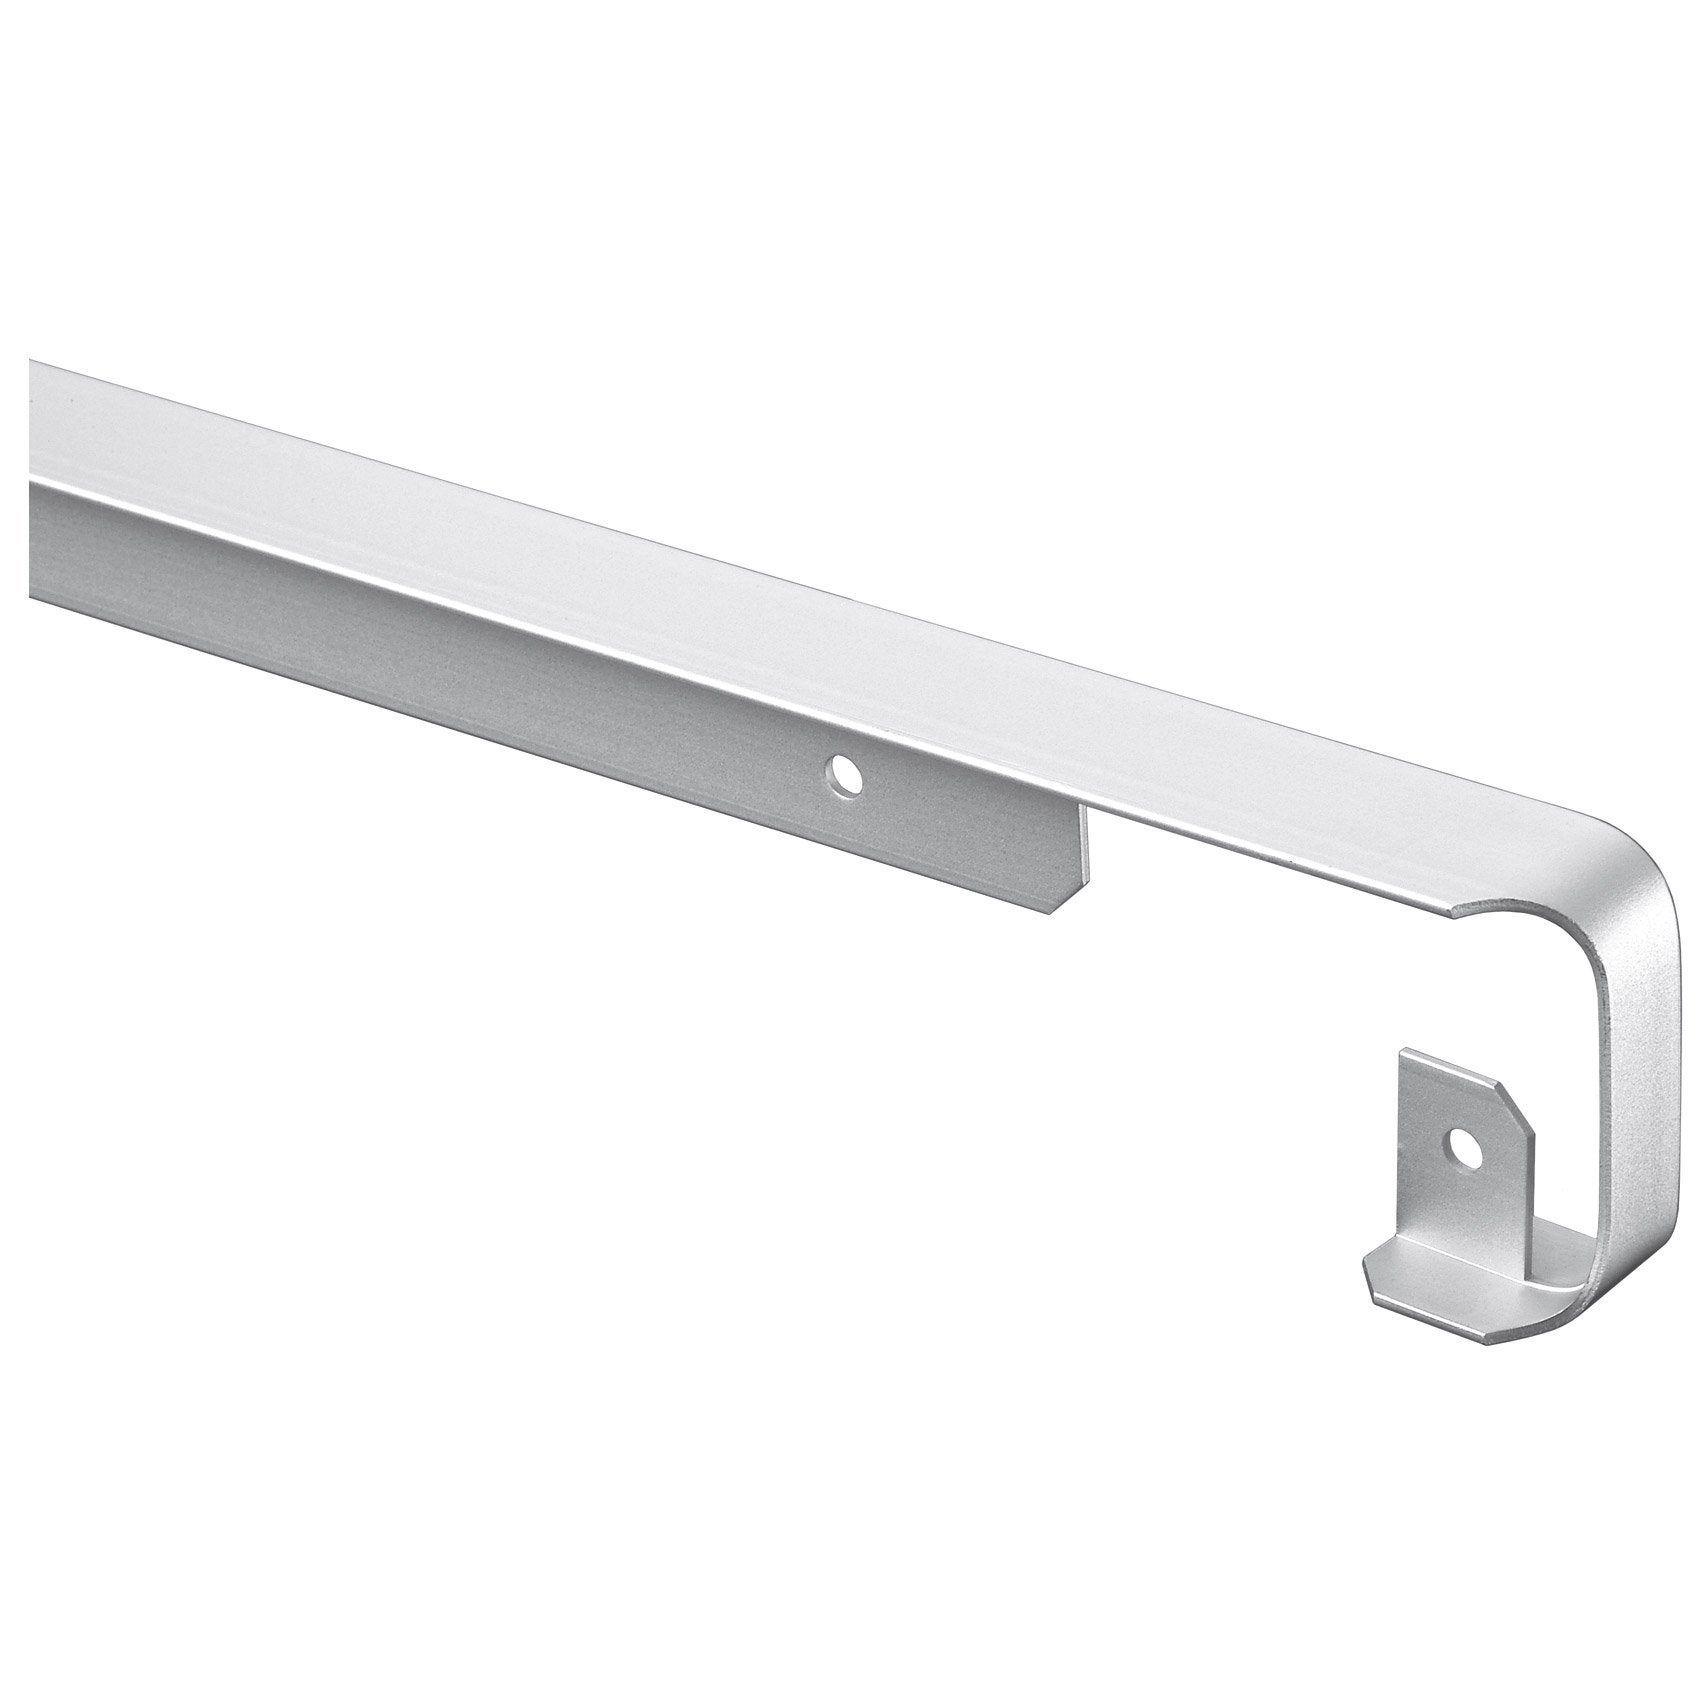 Profil De Jonction D Angle Carre Aluminium L 76 6 X L 1 89 Cm Sptd Profil Angles Et Carre